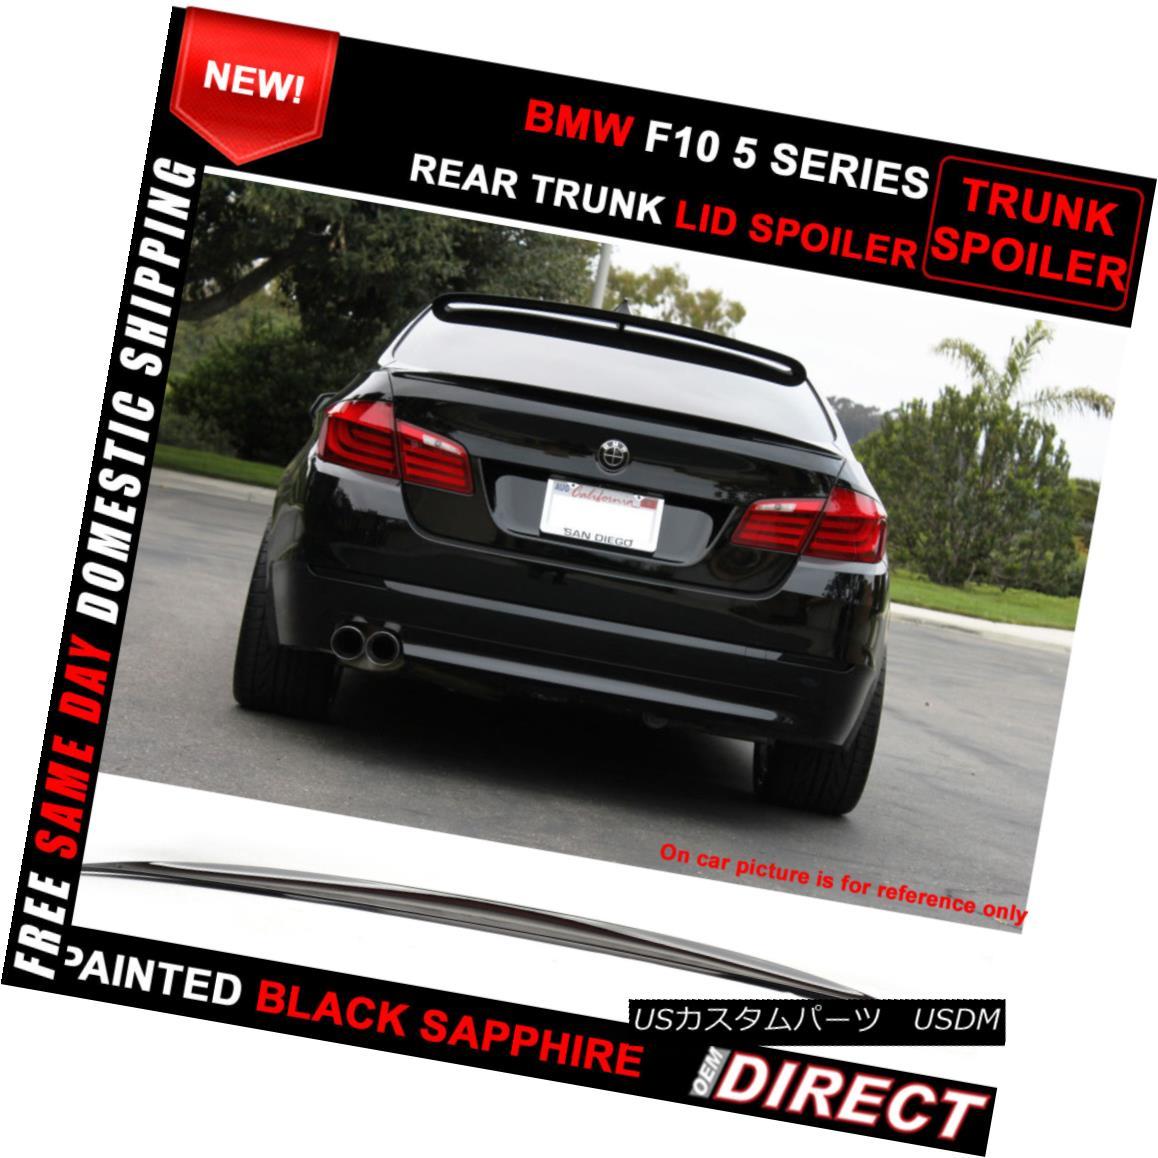 エアロパーツ Fit For 11-16 BMW 5-Series F10 Sedan M5 Style #475 Painted Trunk Spoiler 11-16 BMW 5シリーズF10セダンM5スタイル#475塗装トランク・スポイラー